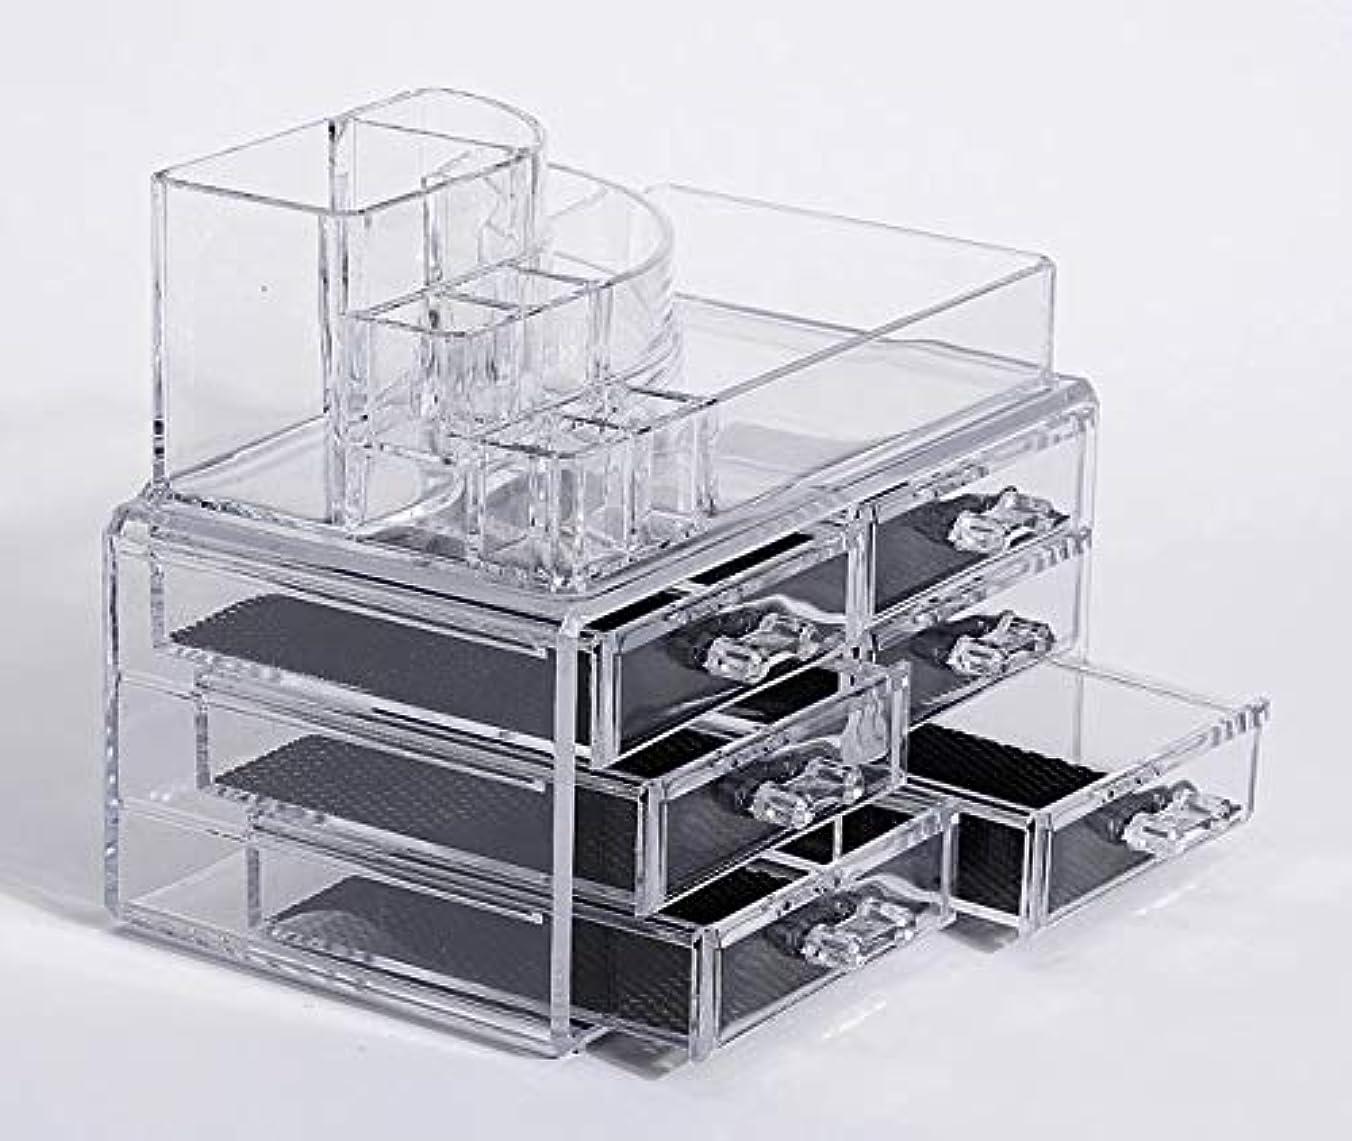 さわやか麦芽ペイント化粧品収納ボックス メイクボックス 化粧品 収納 ニオイなし 騒音なし 防塵 高透明度 強い耐久性